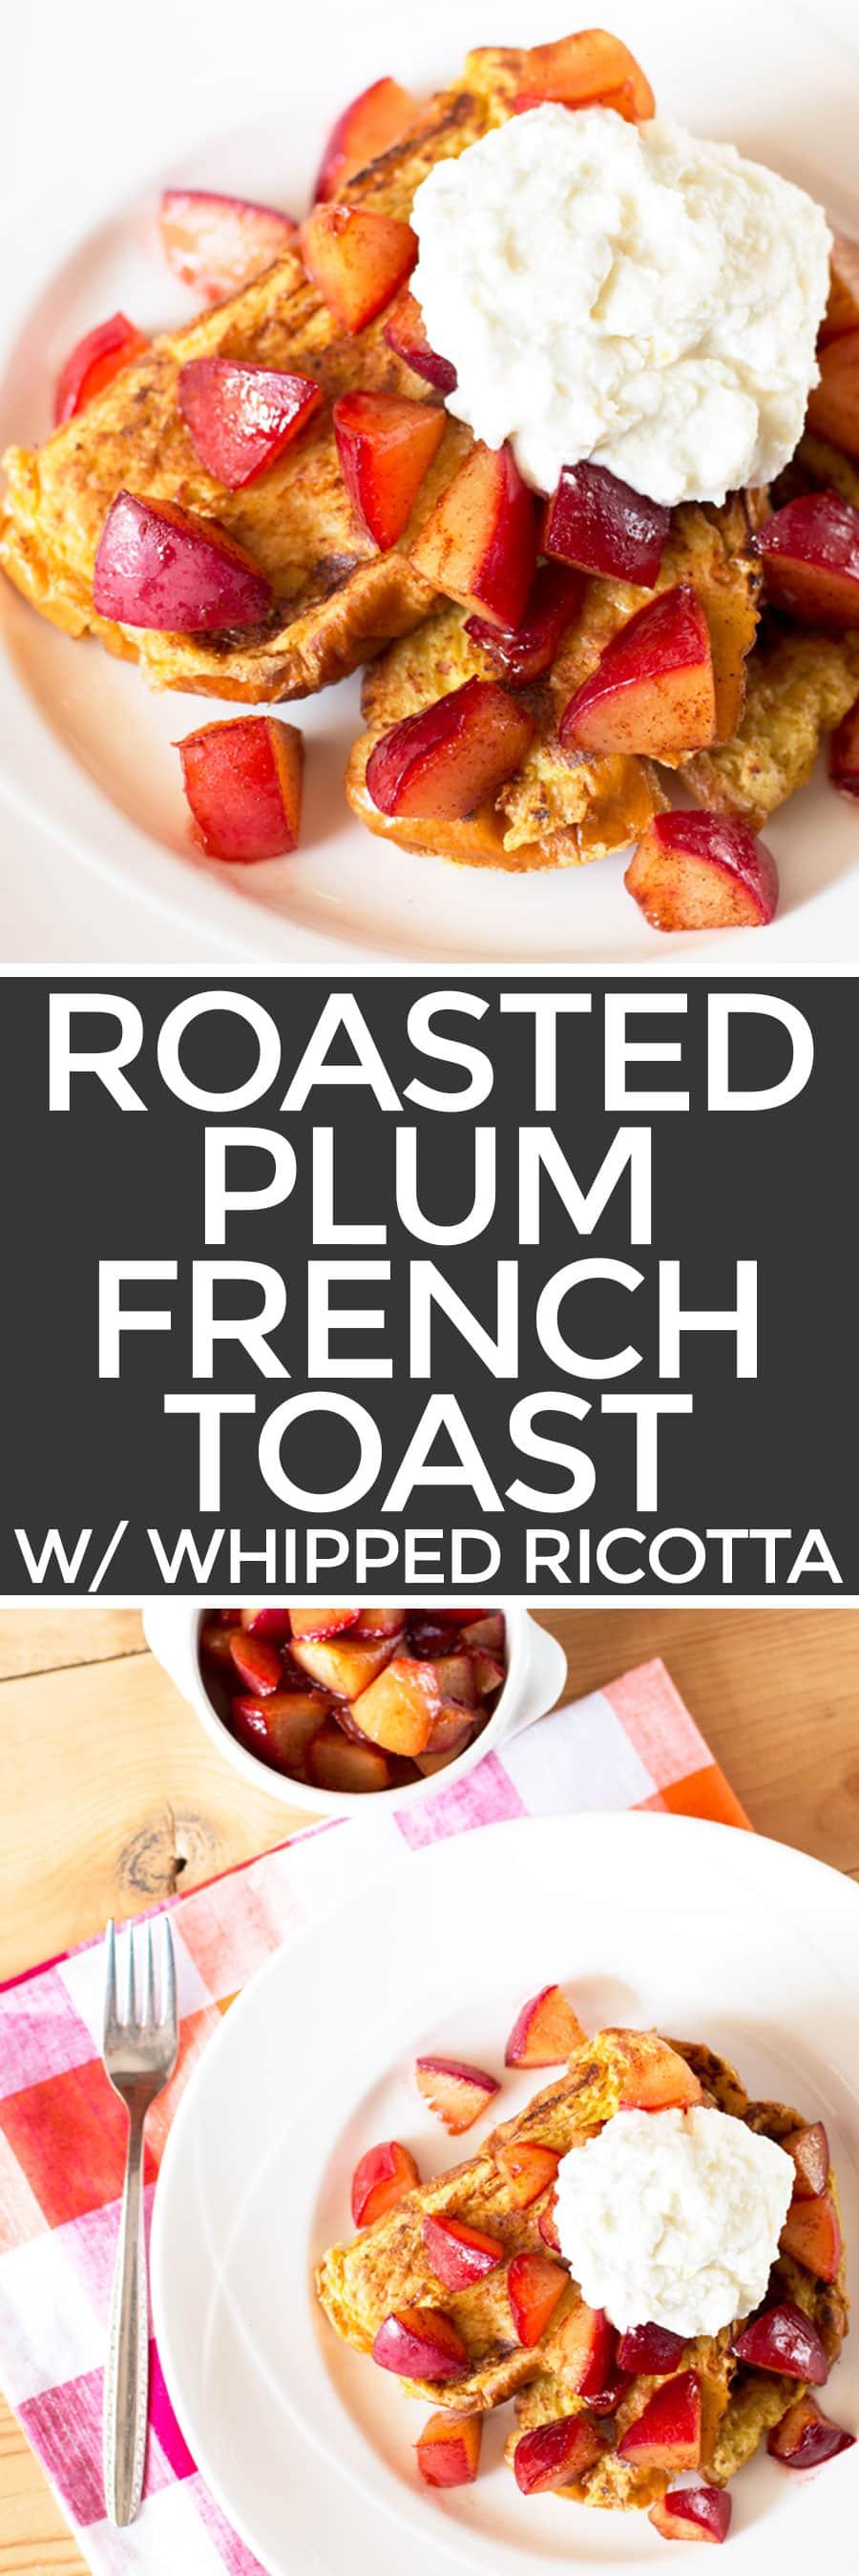 Roasted Plum French Toast | cakenknife.com